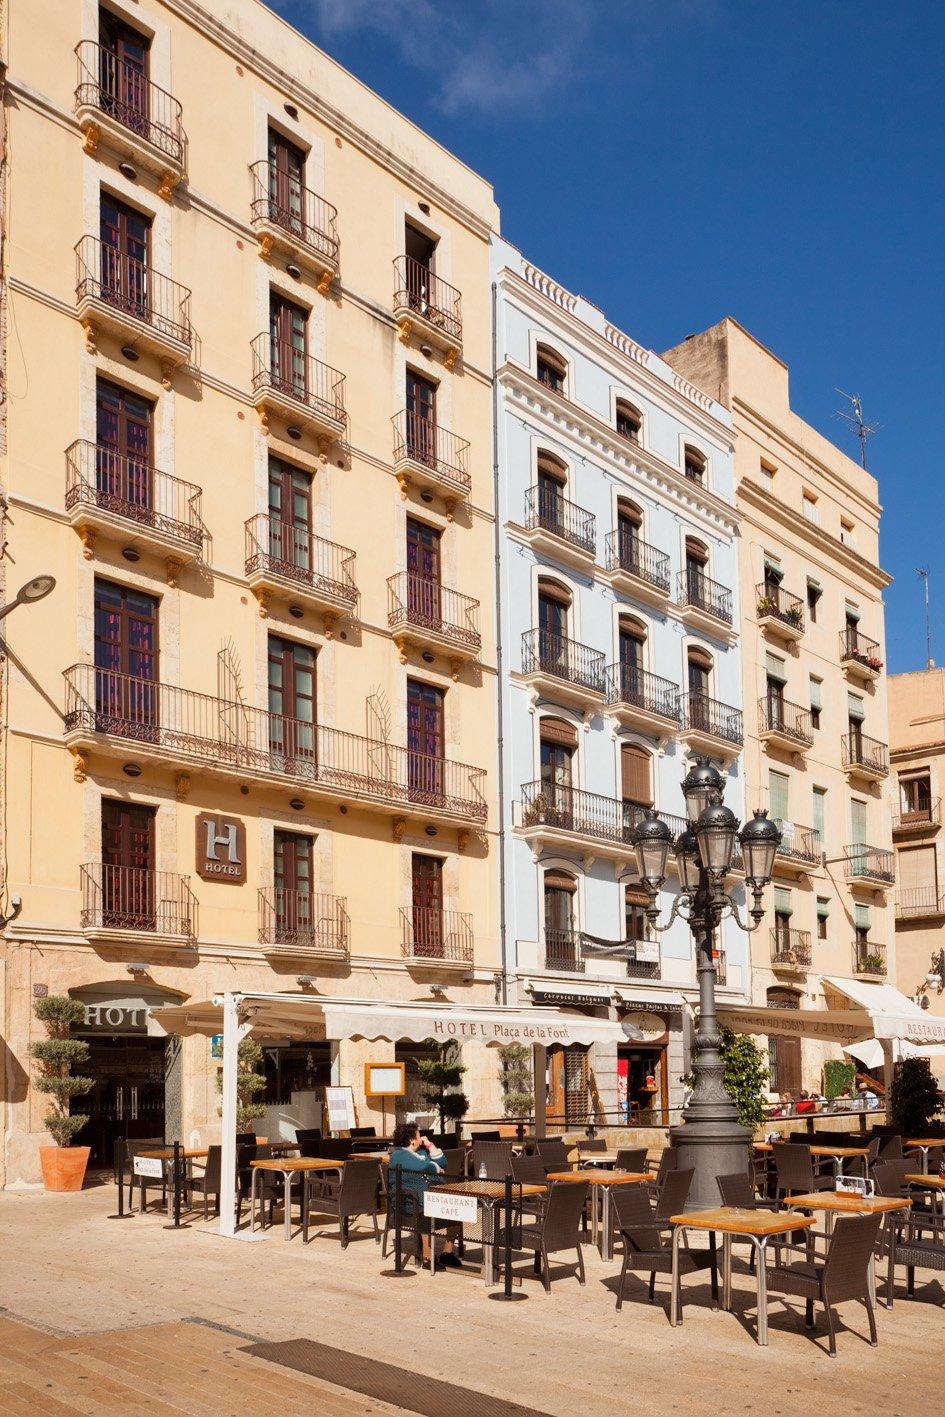 hotel_la_fontnombre_del_documento_12-96b28517f367ff836250a40322fa8545